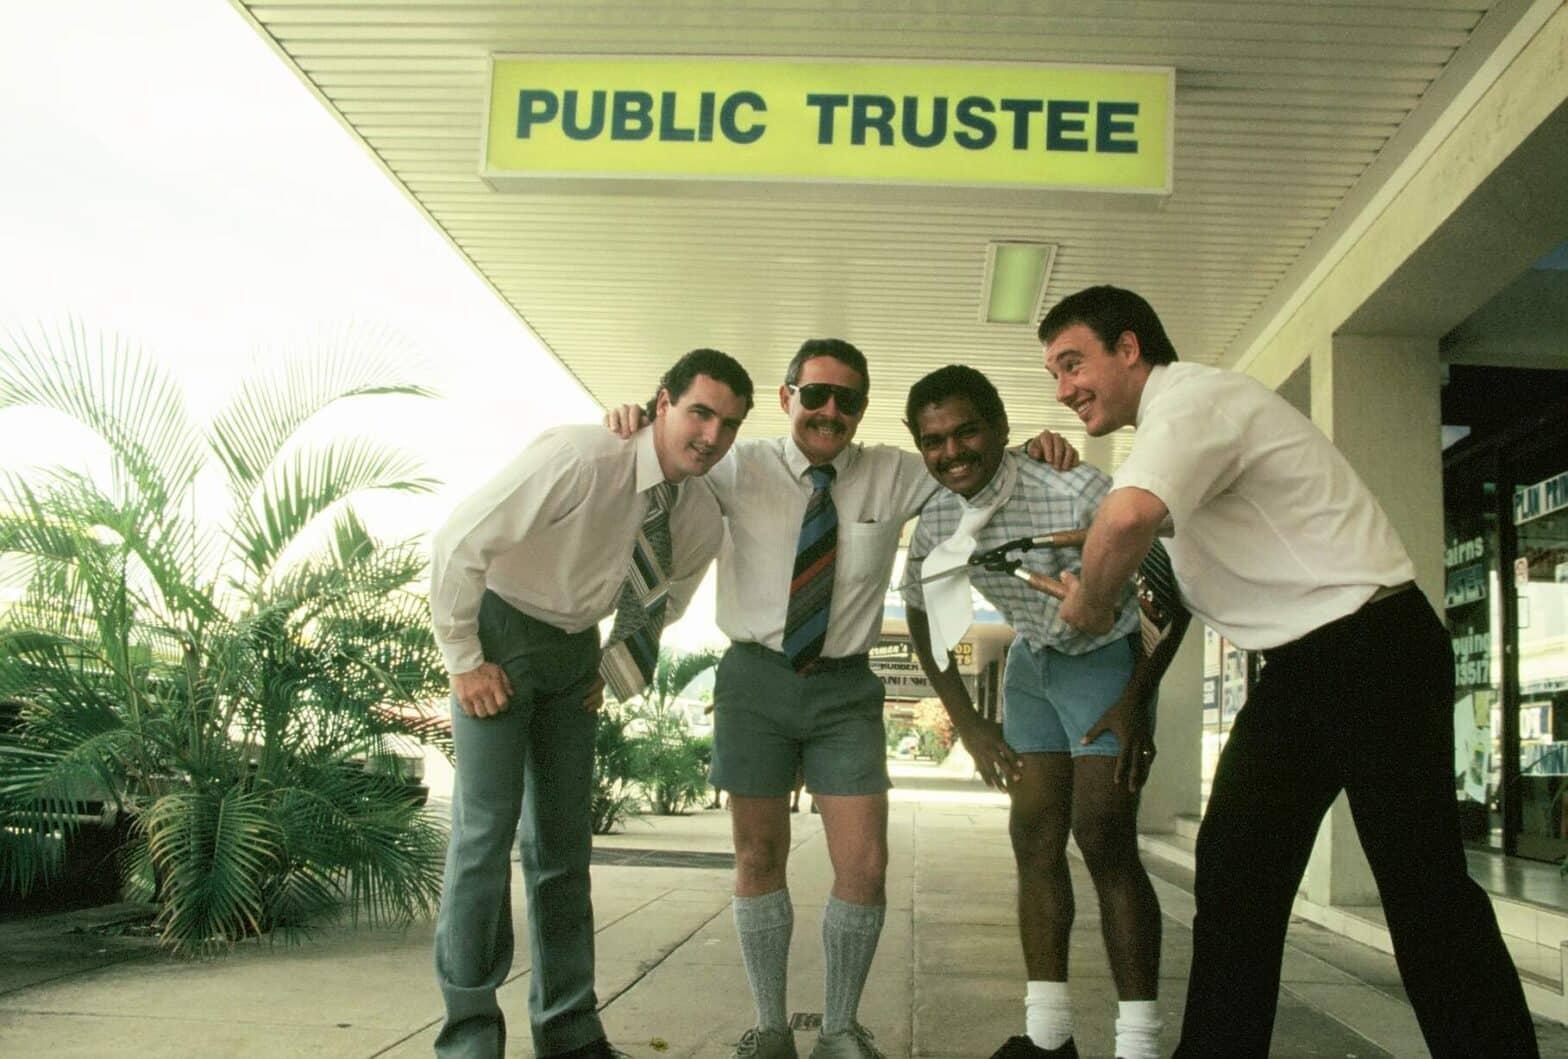 Public Trustee Cairns staff burn ties